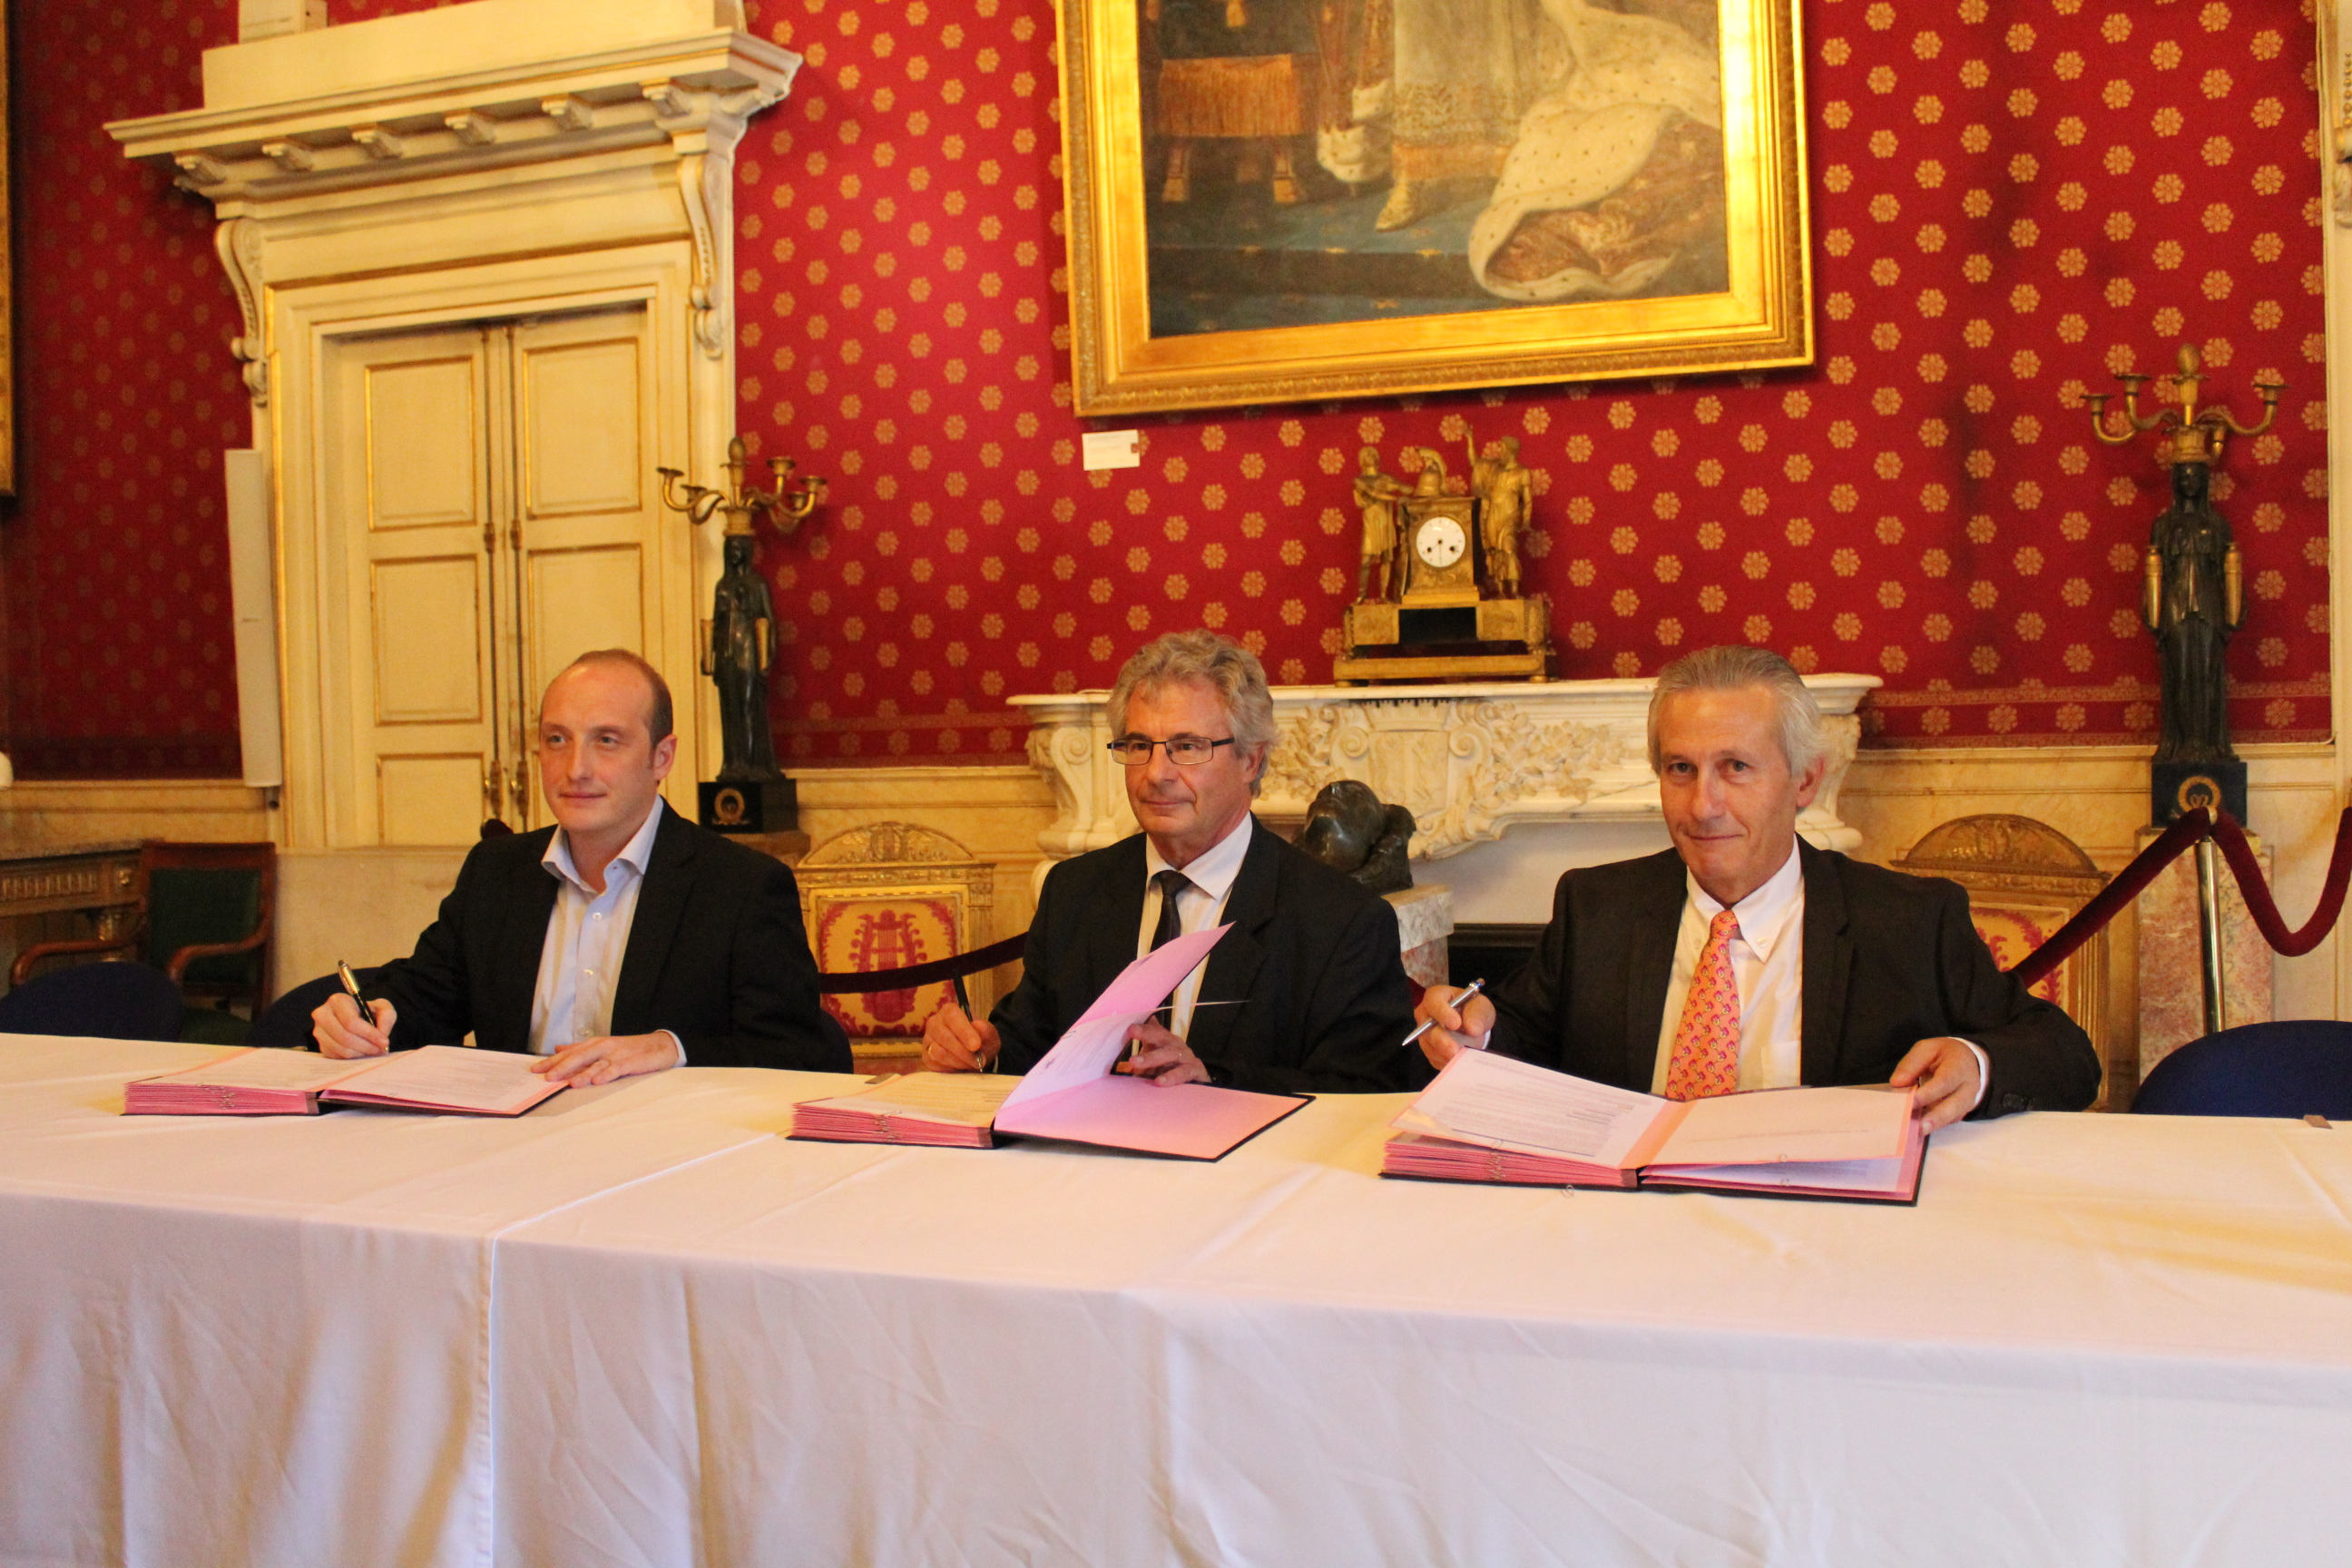 Laurent Marcangeli, député-maire d'Ajaccio, Jean-Jacques Deplette, directeur régional des Finances publiques de Corse et du département de Corse-du-Sud, Jacques Coti, comptable public en charge de la Trésorerie du Grand Ajaccio ont signé la convention de partenariat ce vendredi 23 octobre. (Photo P.S.)